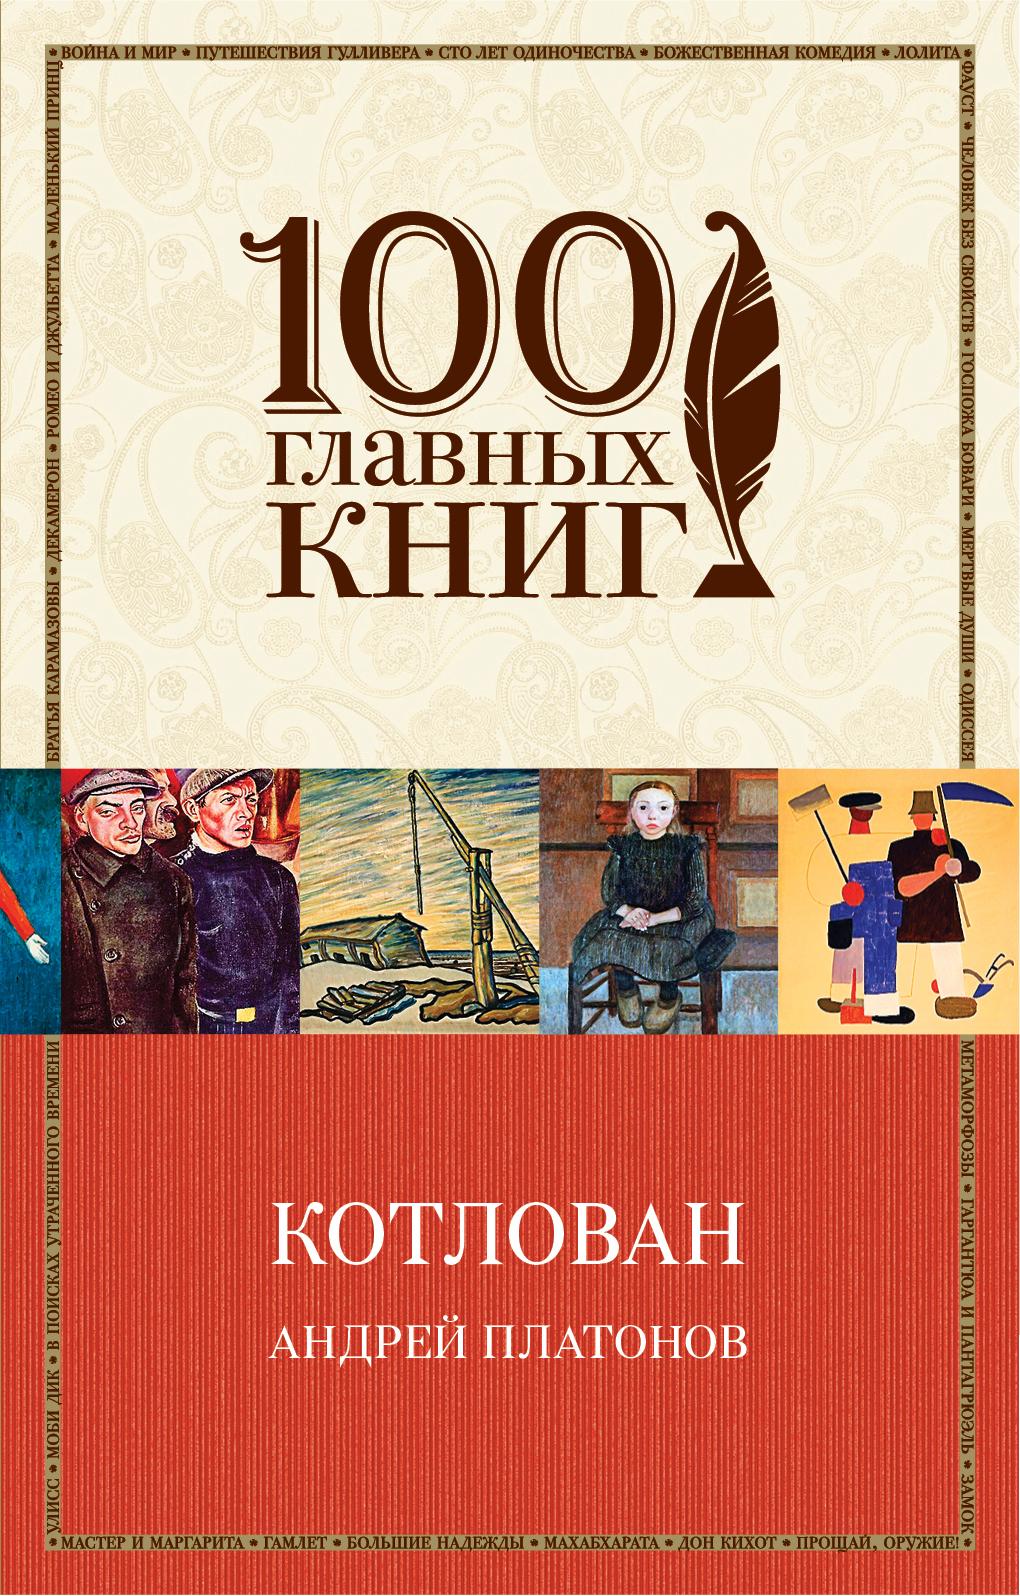 купить Платонов Андрей Платонович Котлован по цене 136 рублей